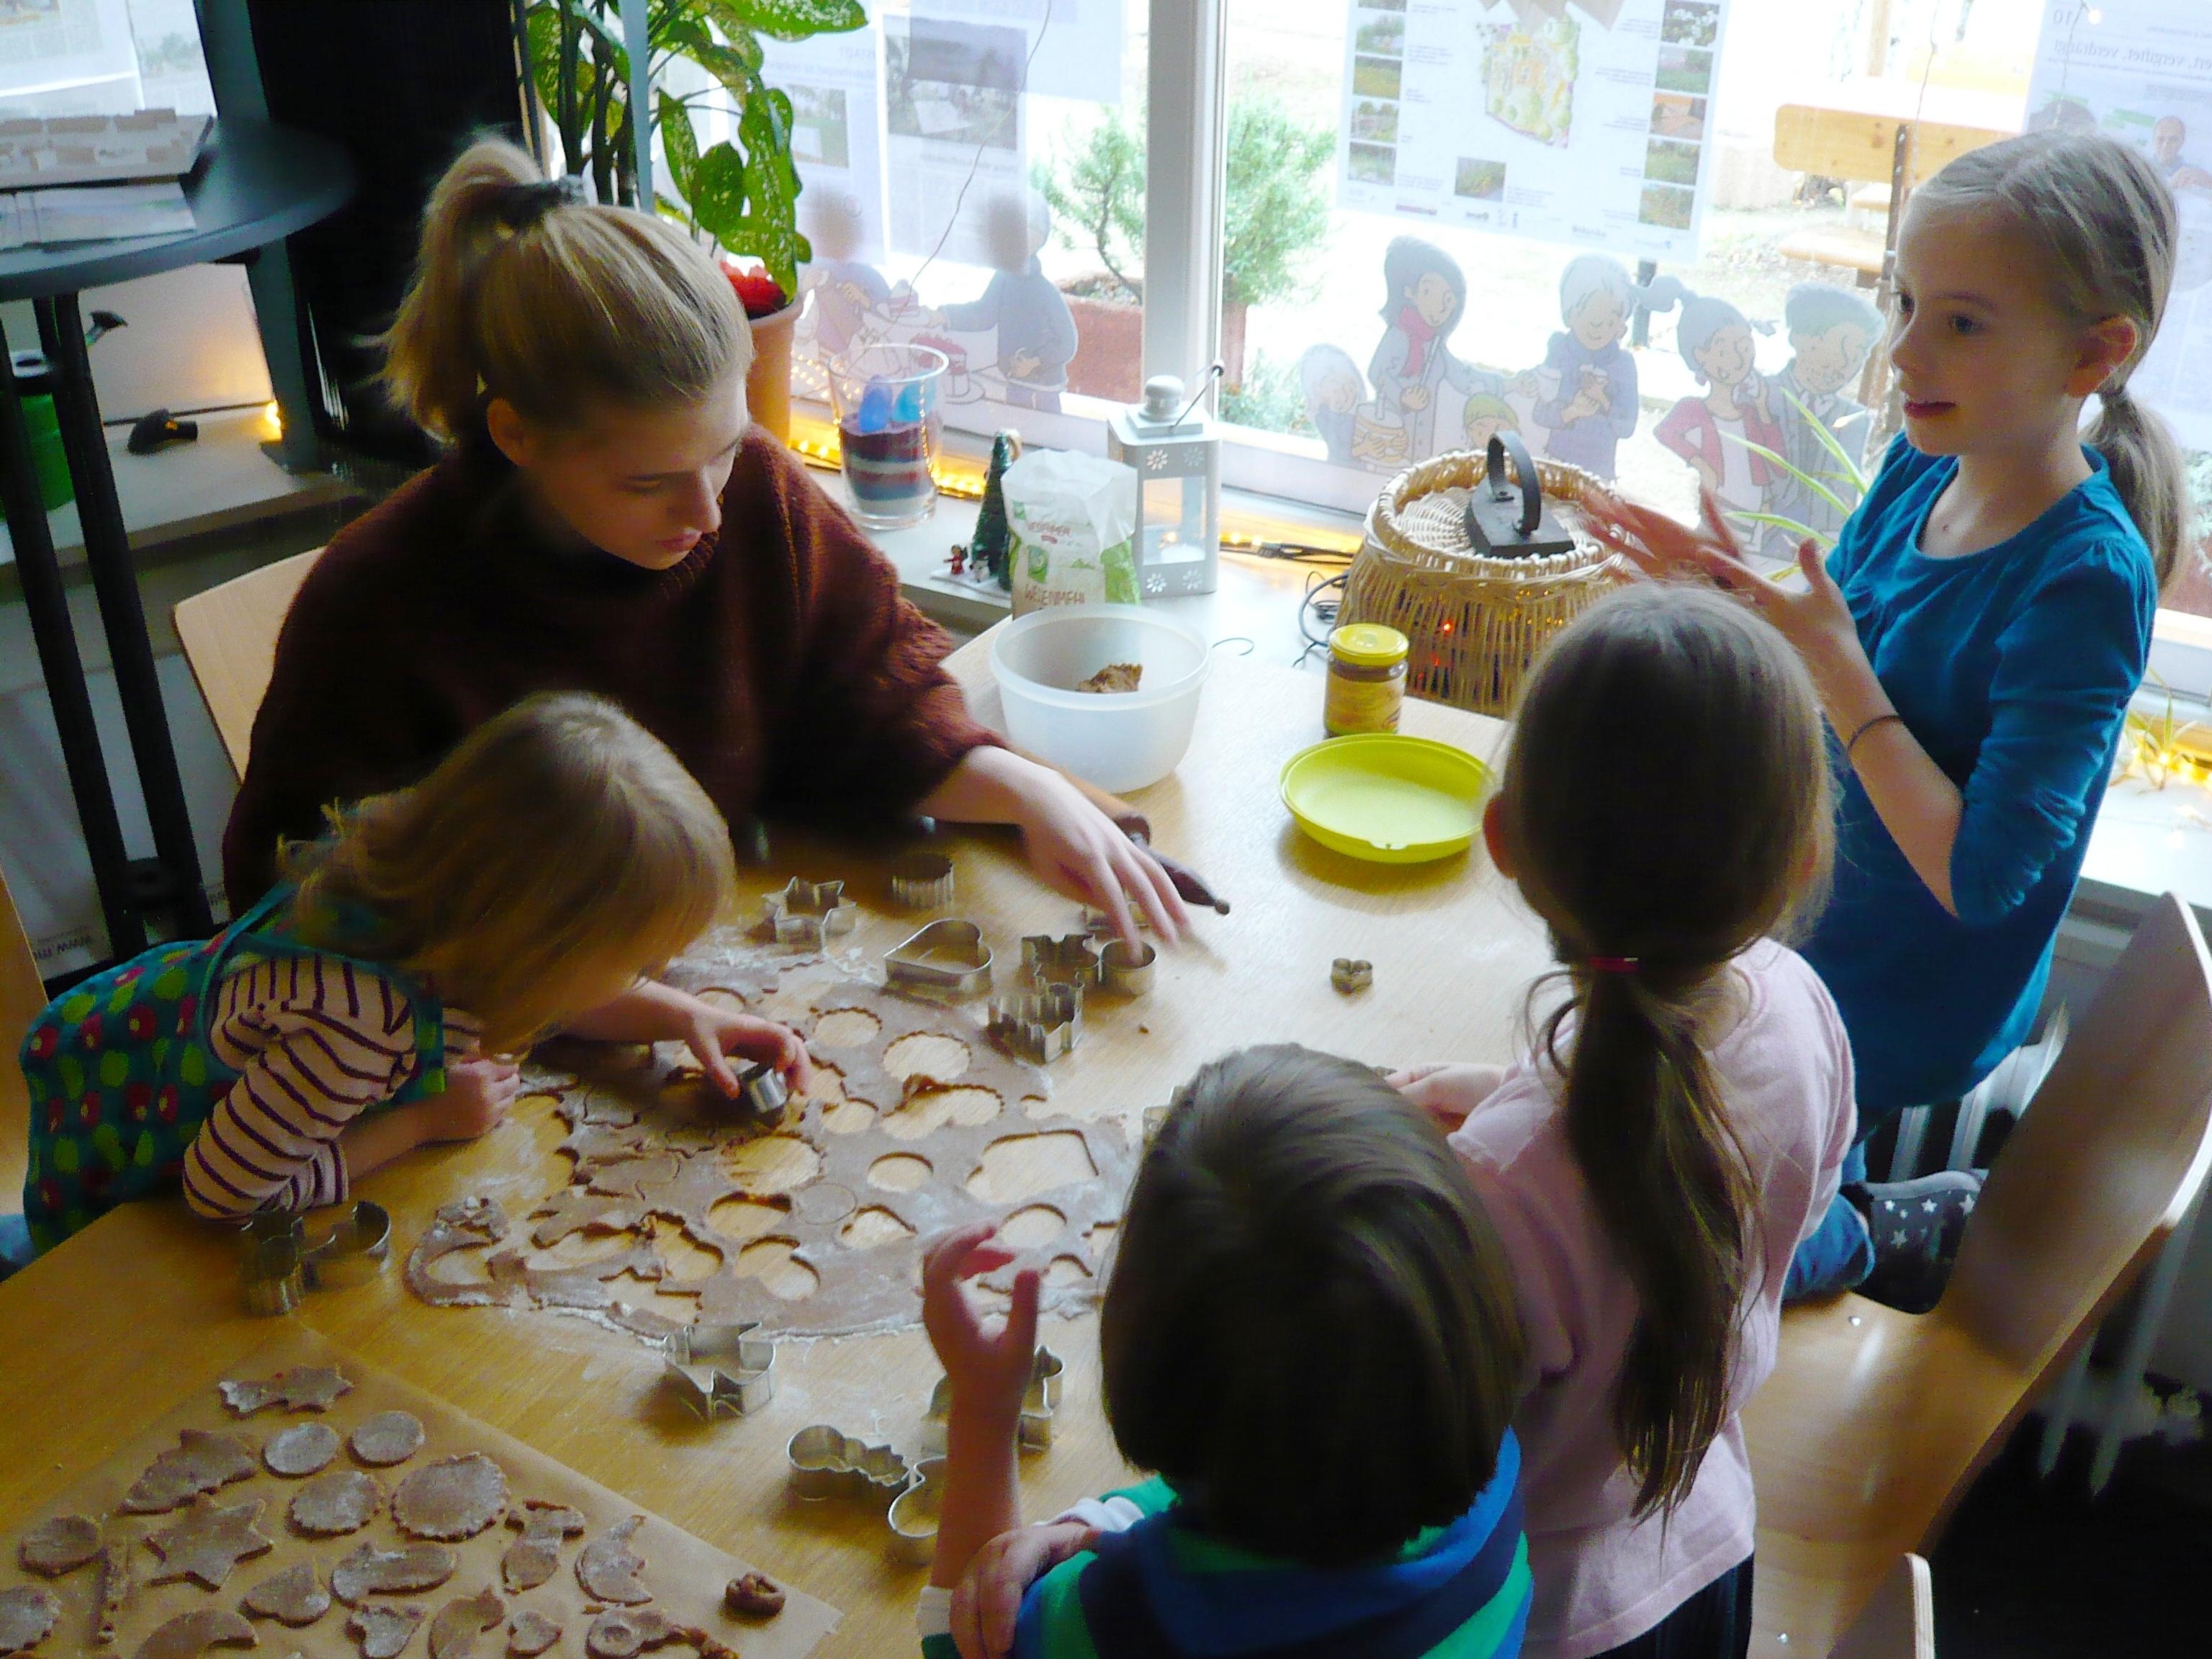 Lustiges Plätzchen backen mit Kids aus dem Quartier am 1. Advent